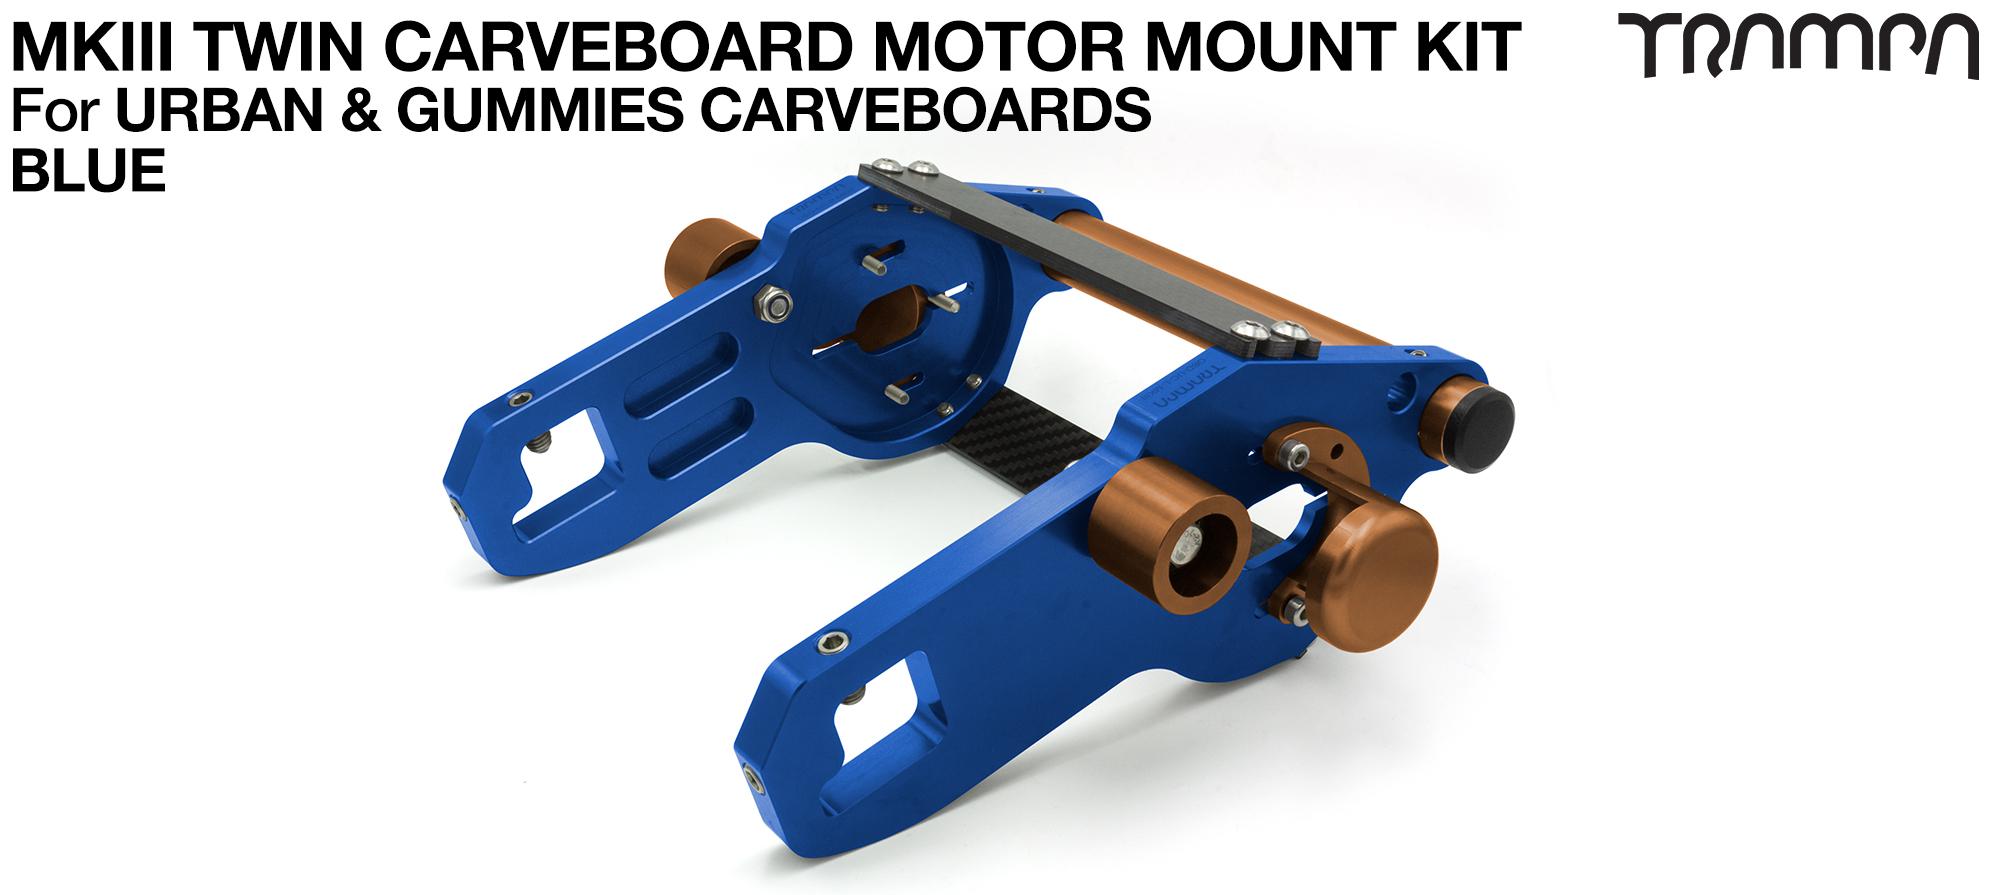 MkIII CARVE BOARD Motor Mount Kit - TWIN BLUE